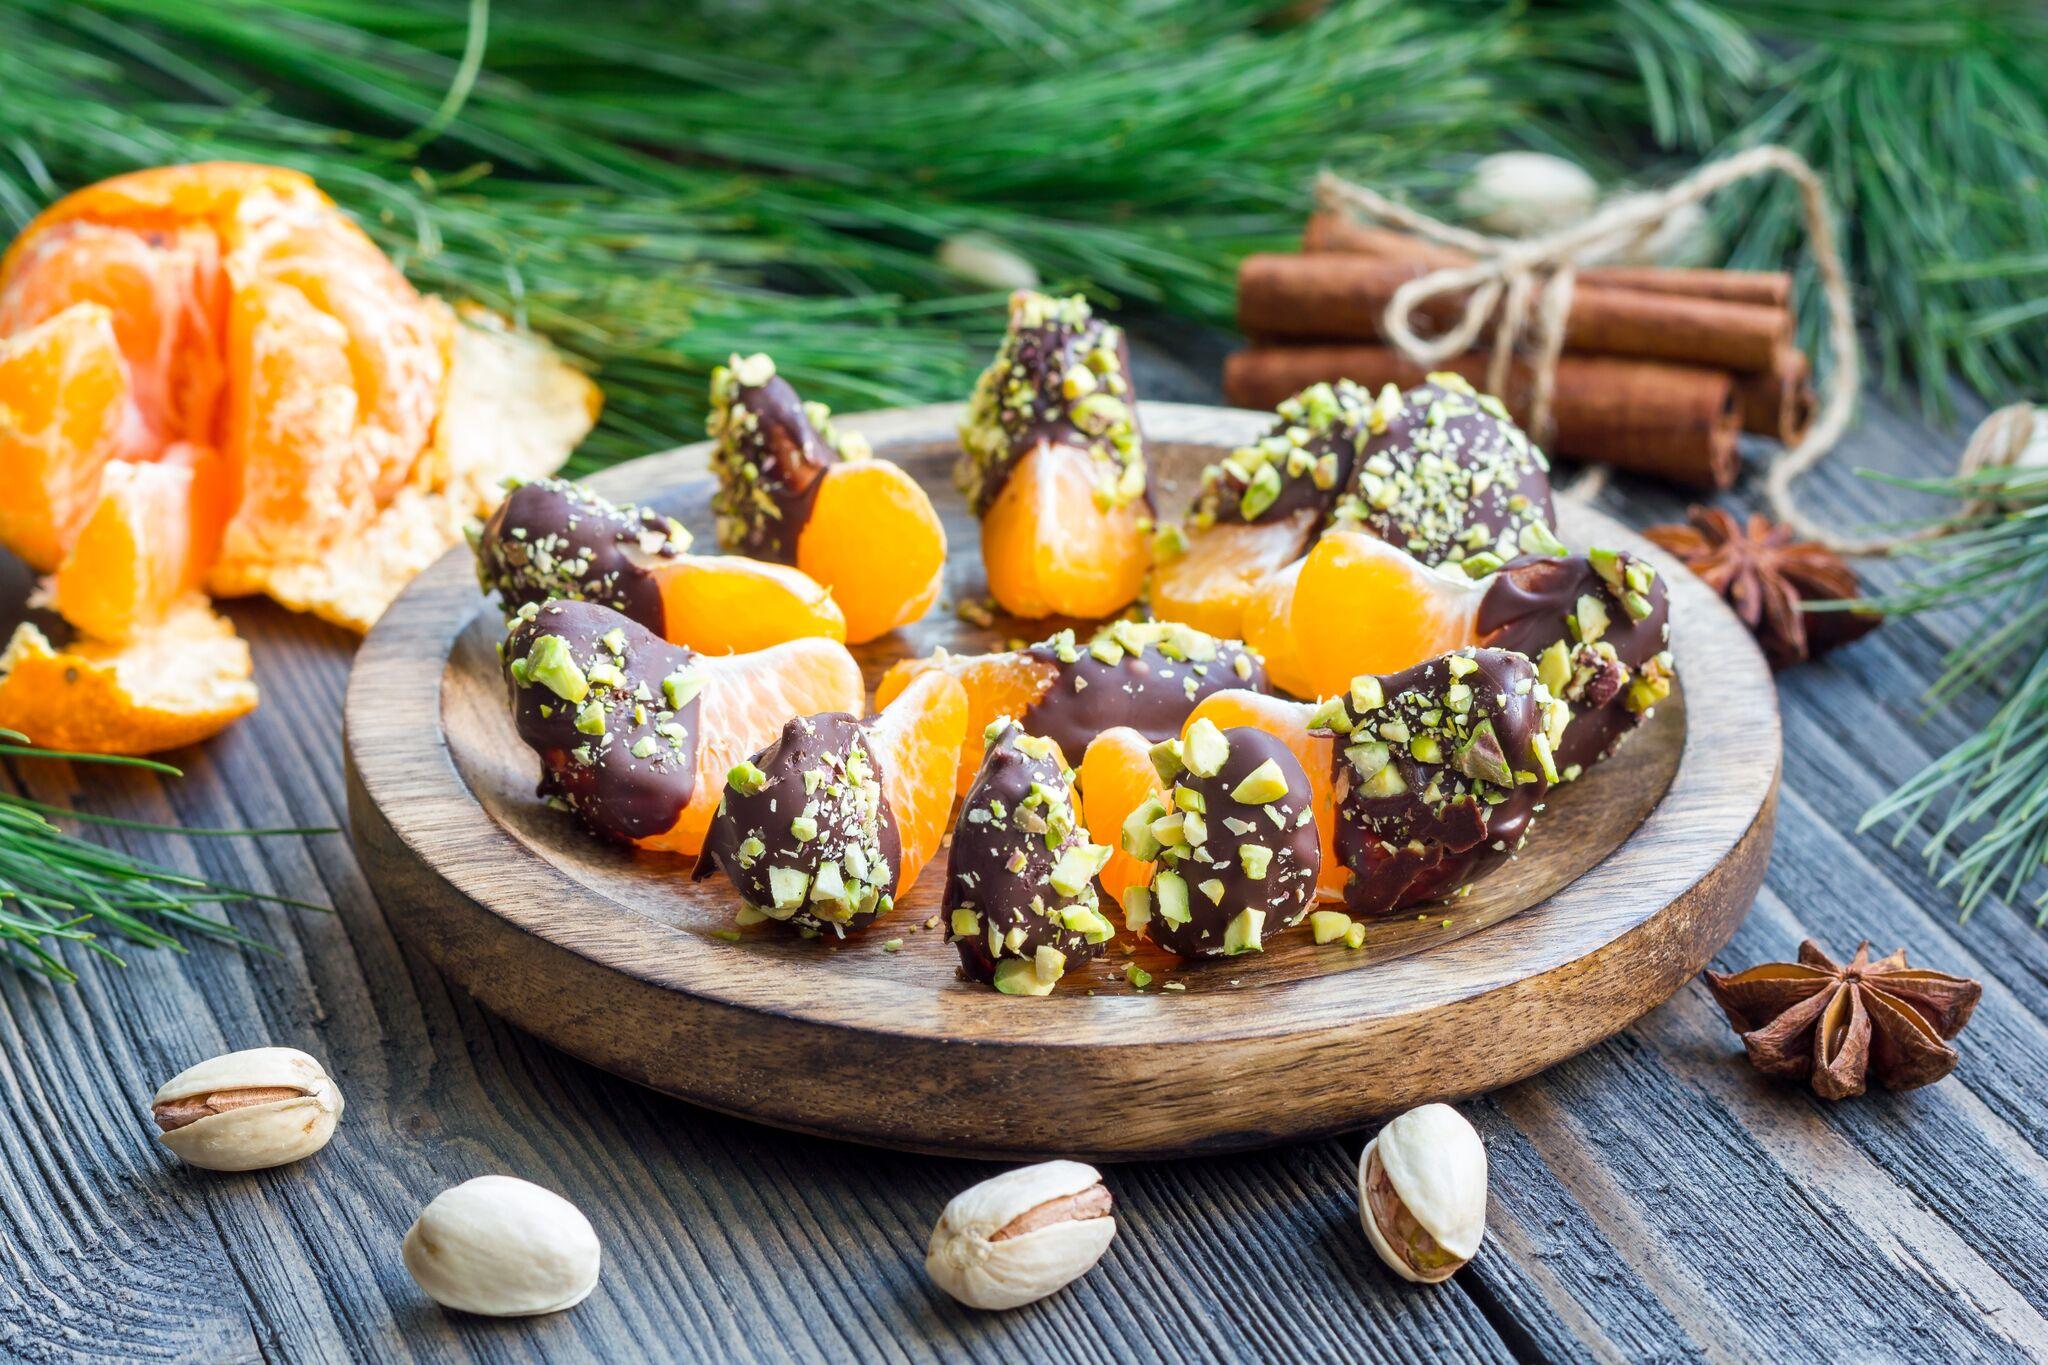 Przepisy świąteczne. Pomarańcze w czekoladzie z pistacjami